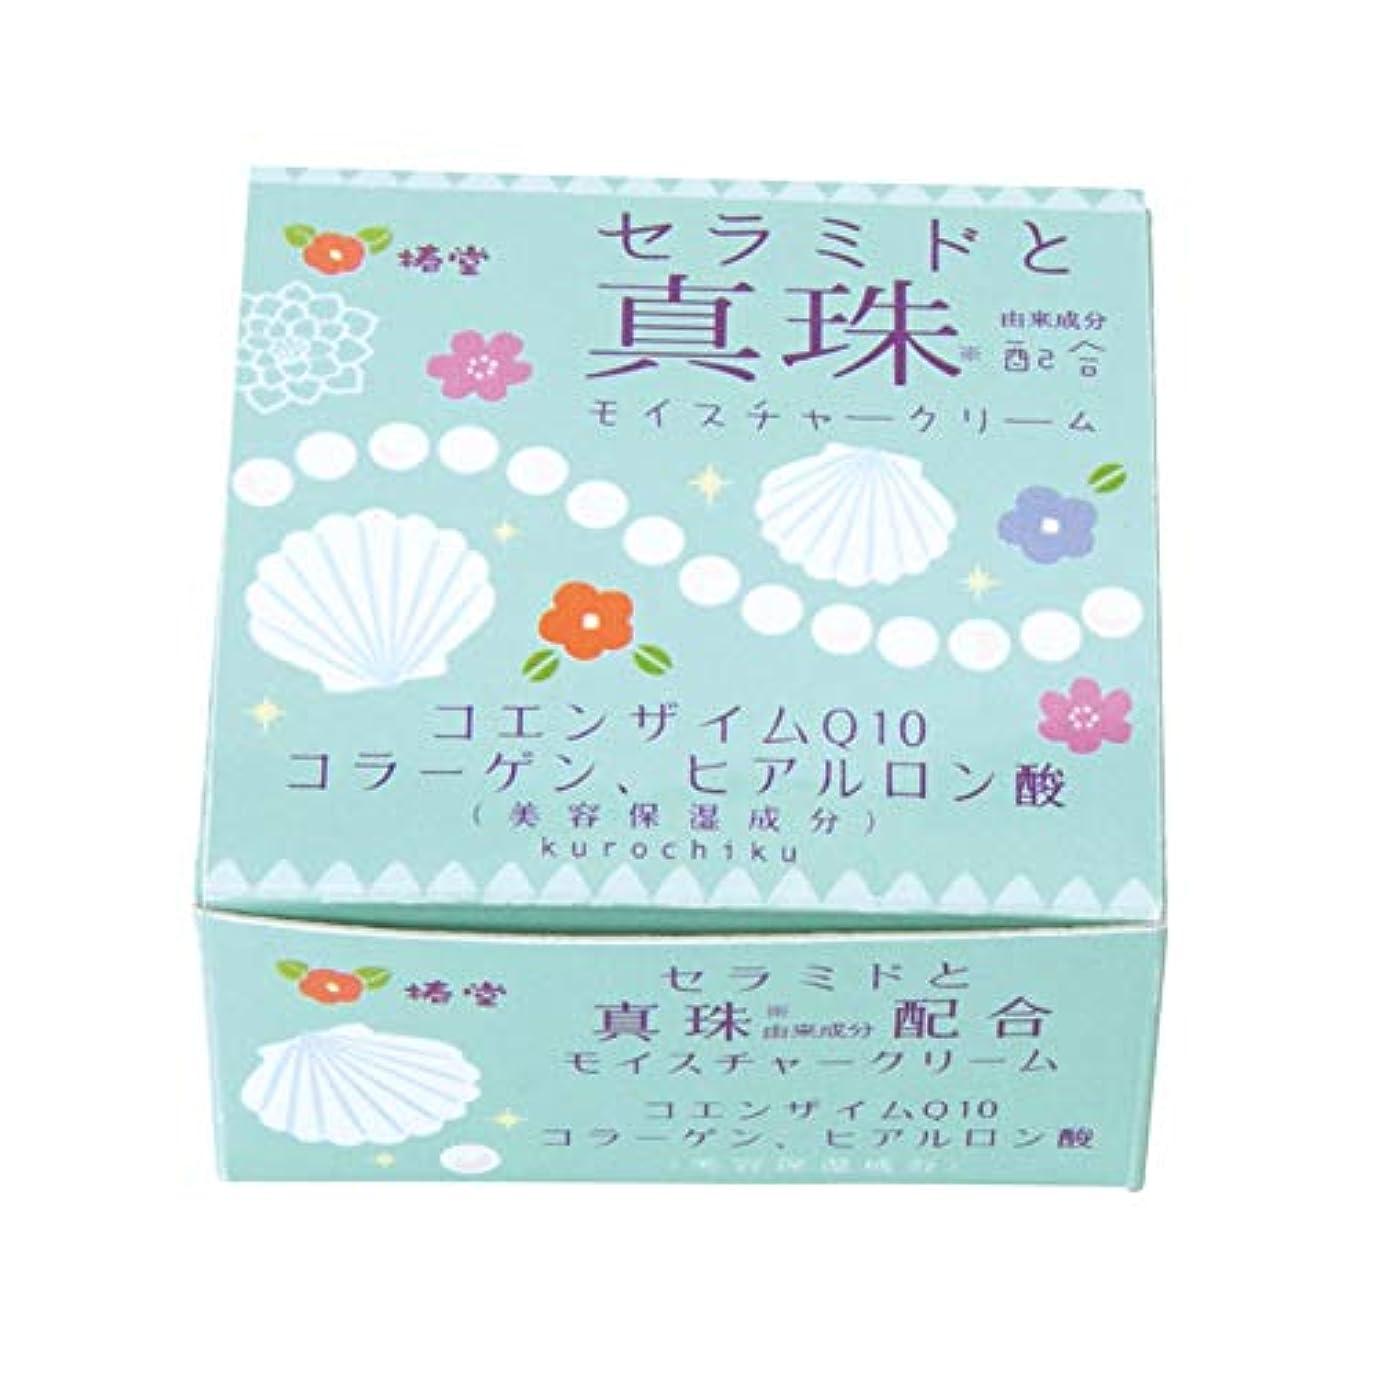 ヶ月目マスク吐く椿堂 真珠モイスチャークリーム (セラミドと真珠) 京都くろちく